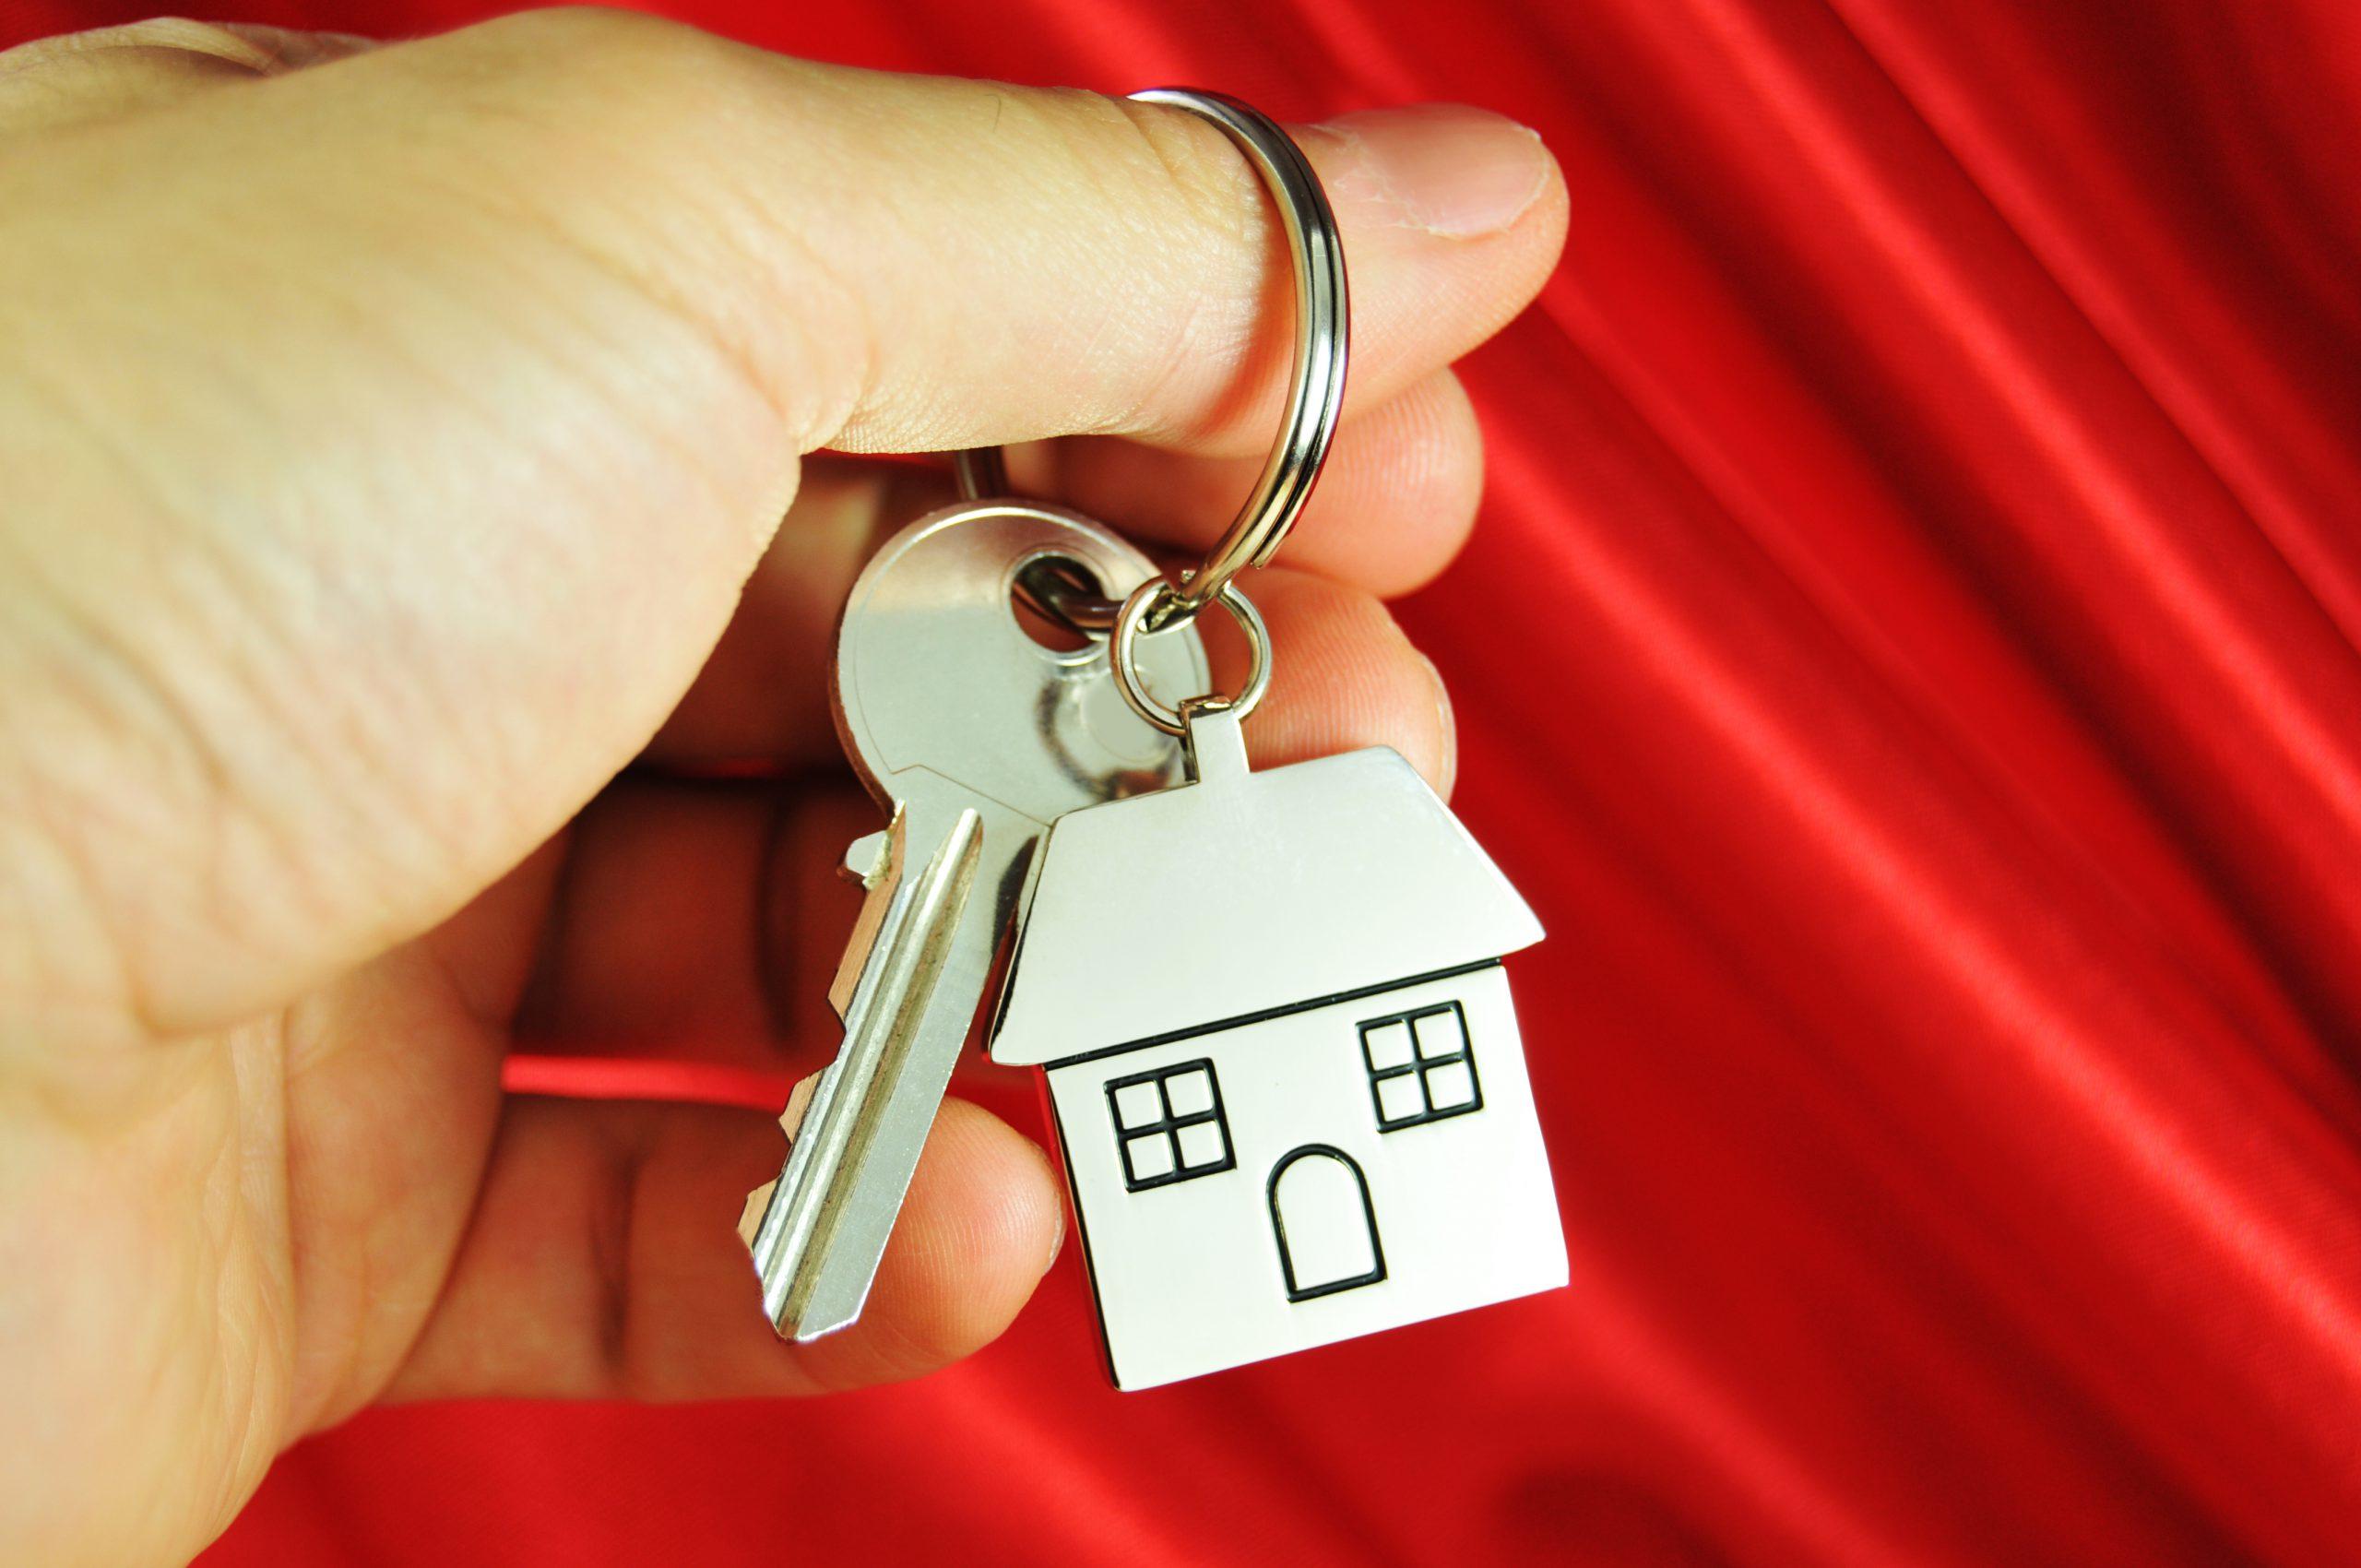 Hypotheekrenteaftrek en echtscheiding: de echtscheidingsregeling